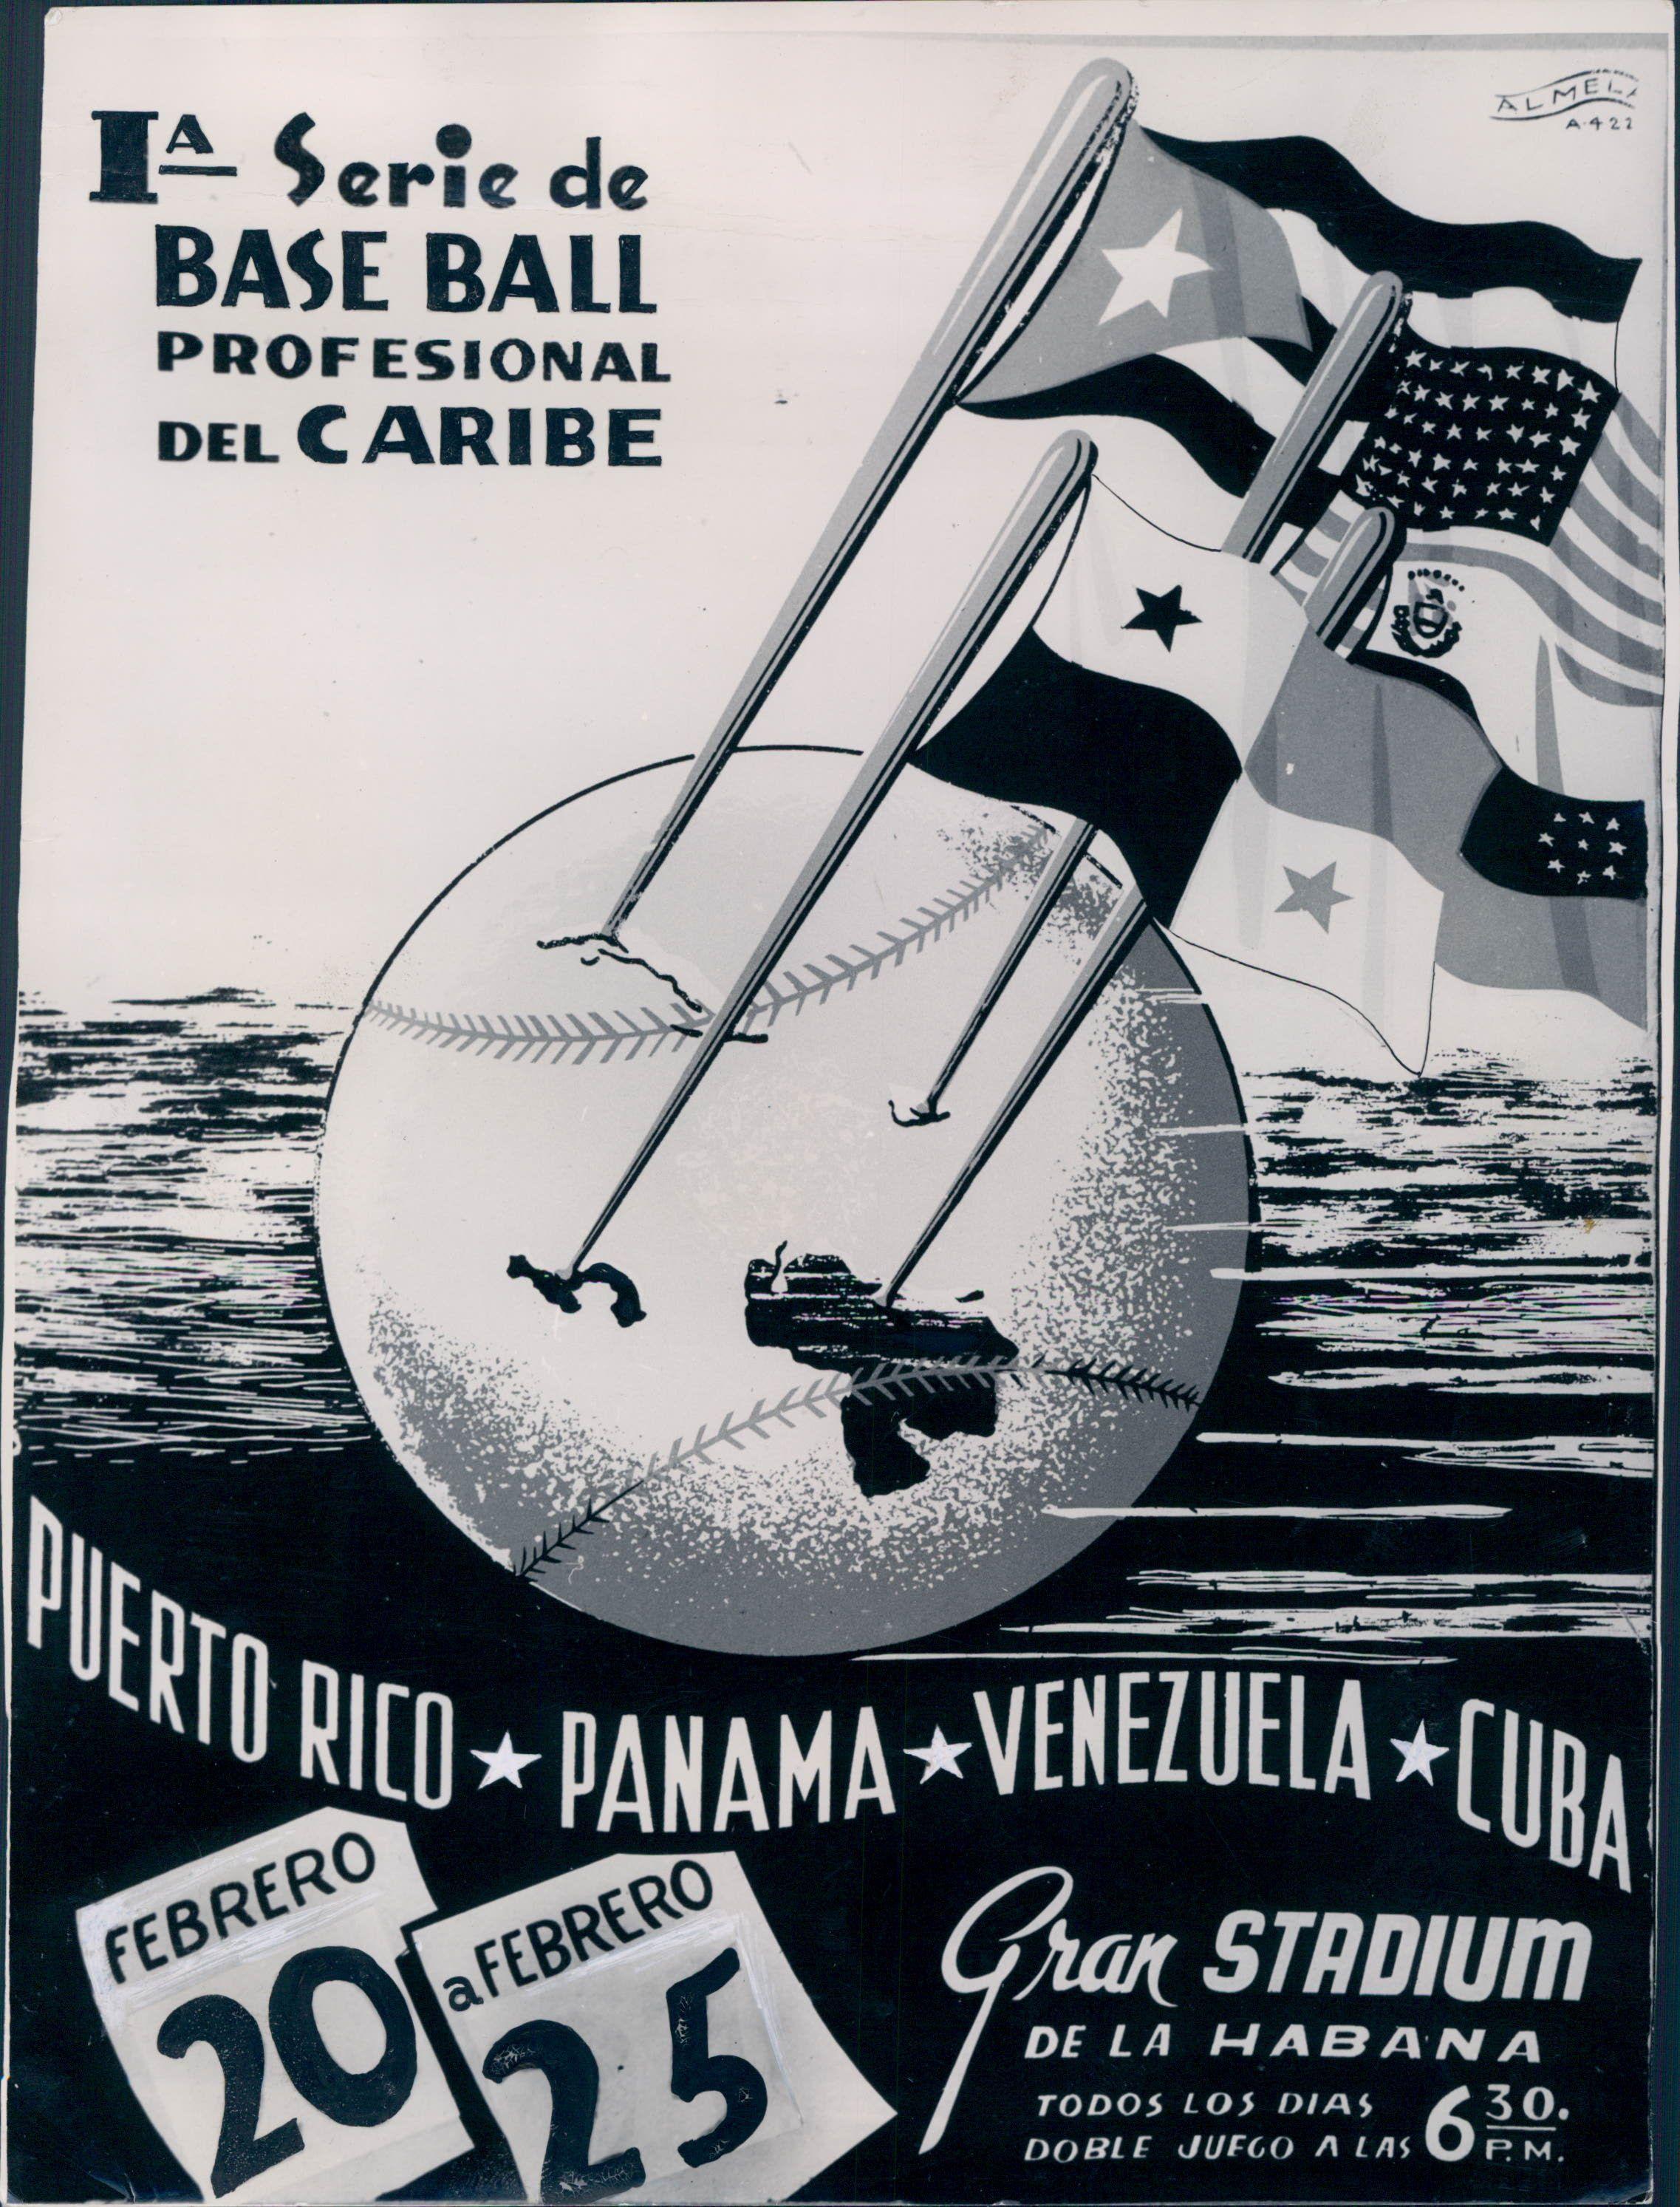 Cartel de la primera edición de la Serie del Caribe en 1949. Panamá, una de las naciones pioneras. Archivo